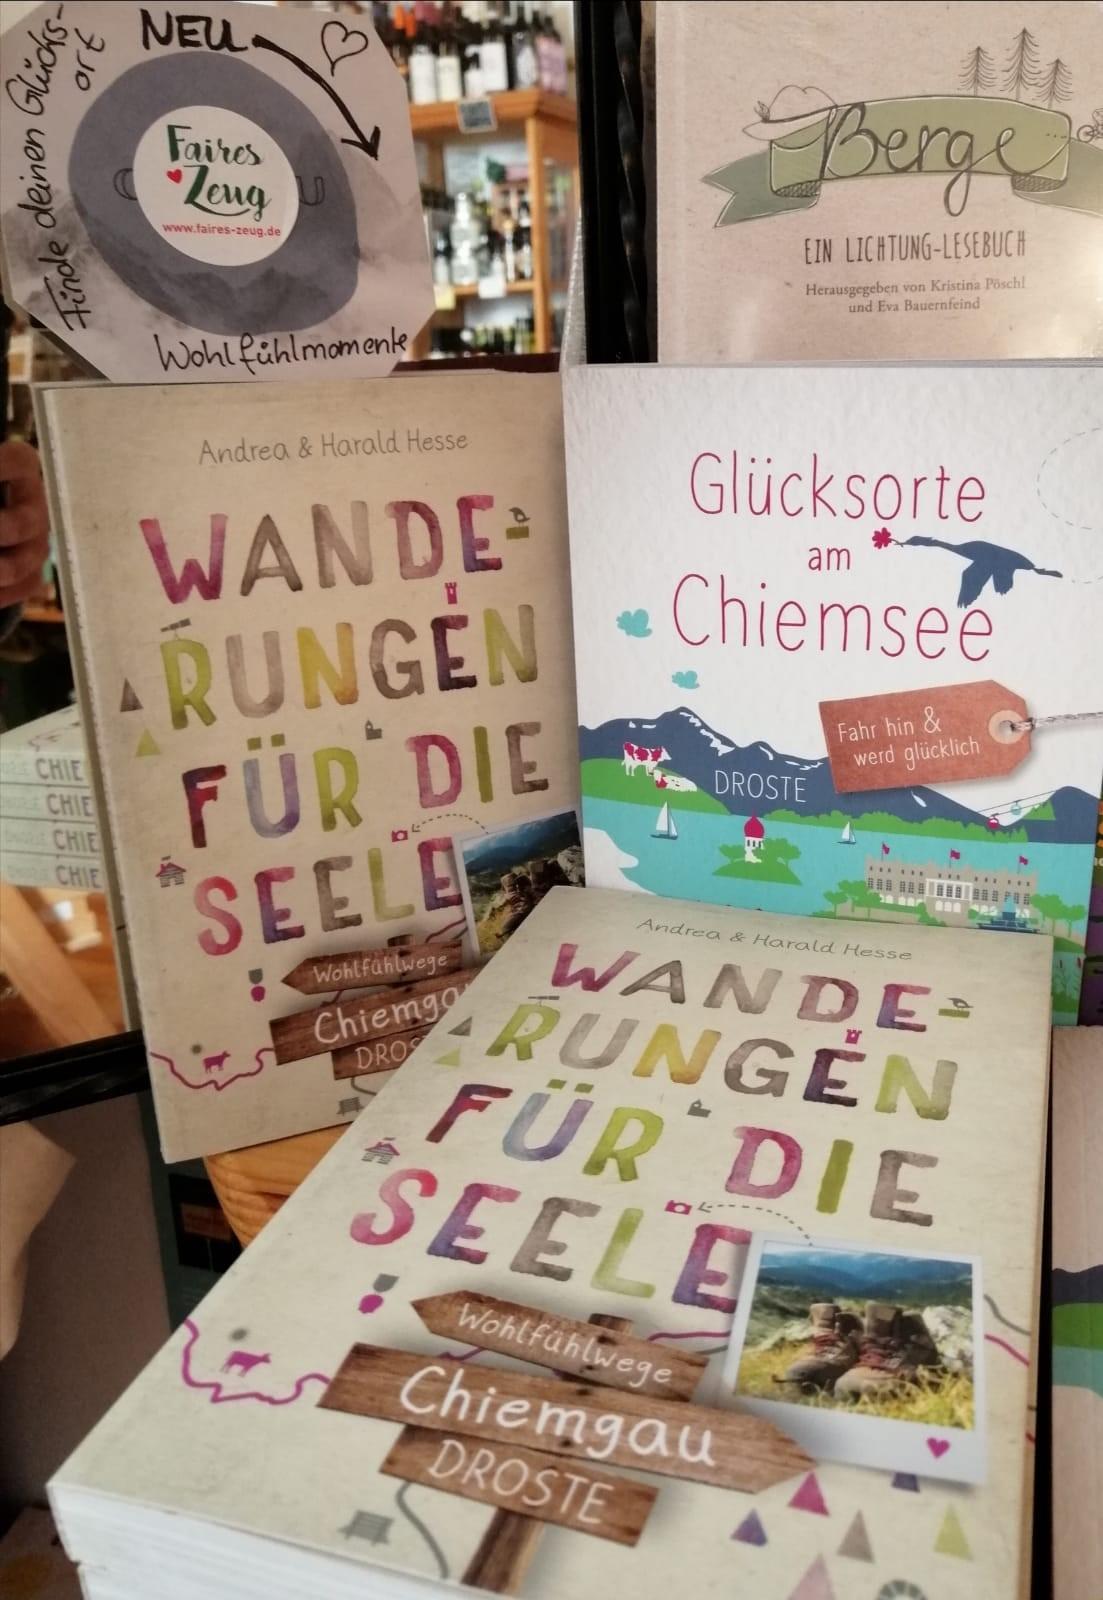 Unsere Bücher im Trostberger Laden Faires Zeug